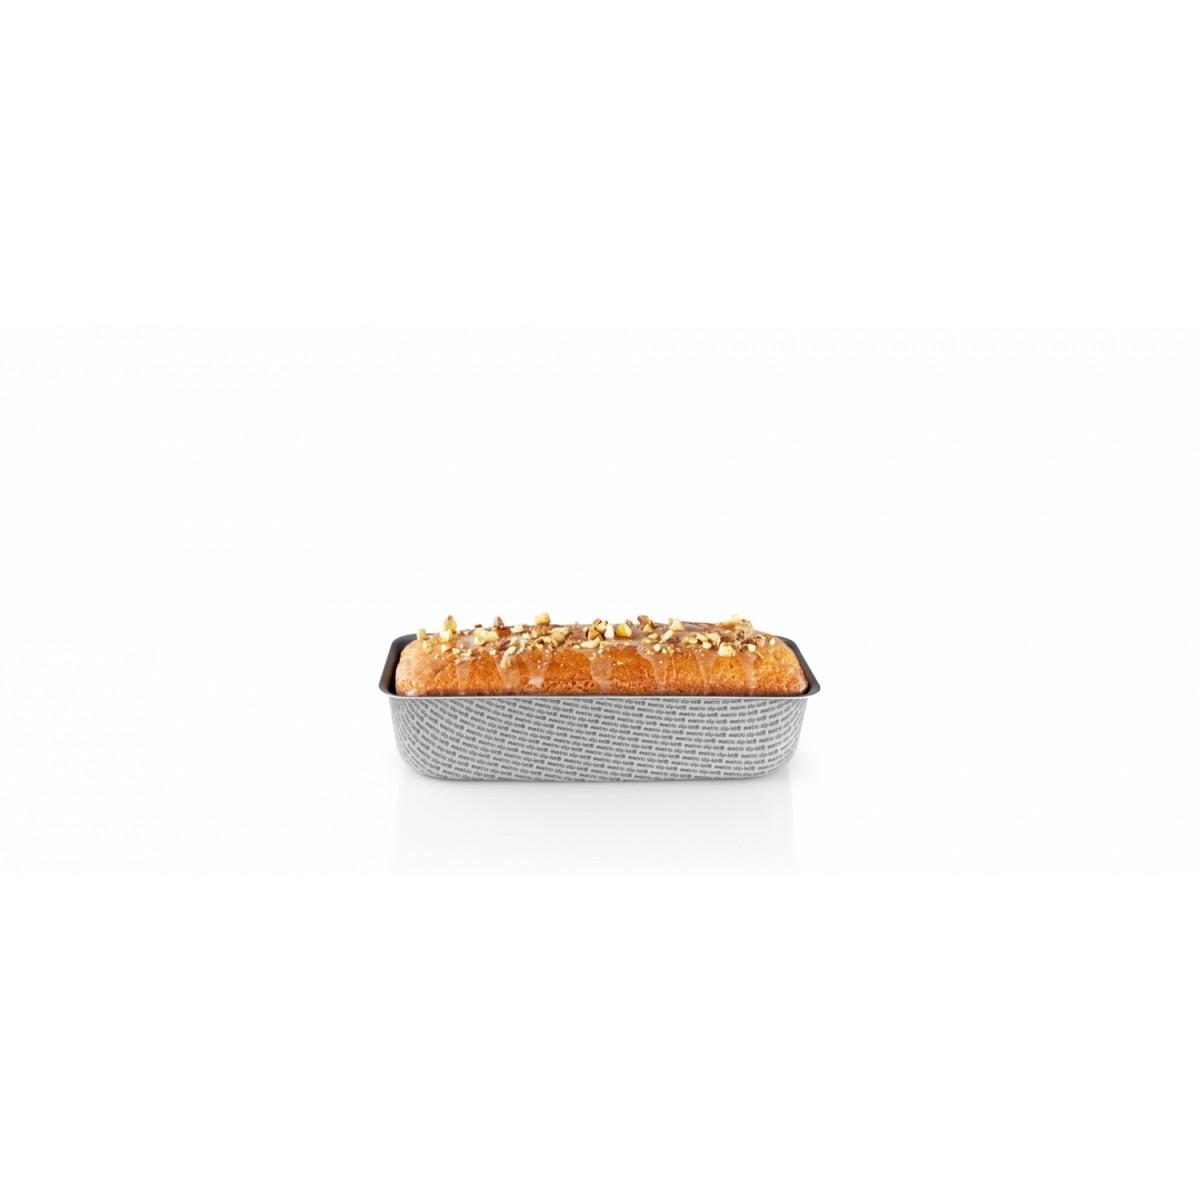 EVA TRIO Brødform 1,3 ltr.